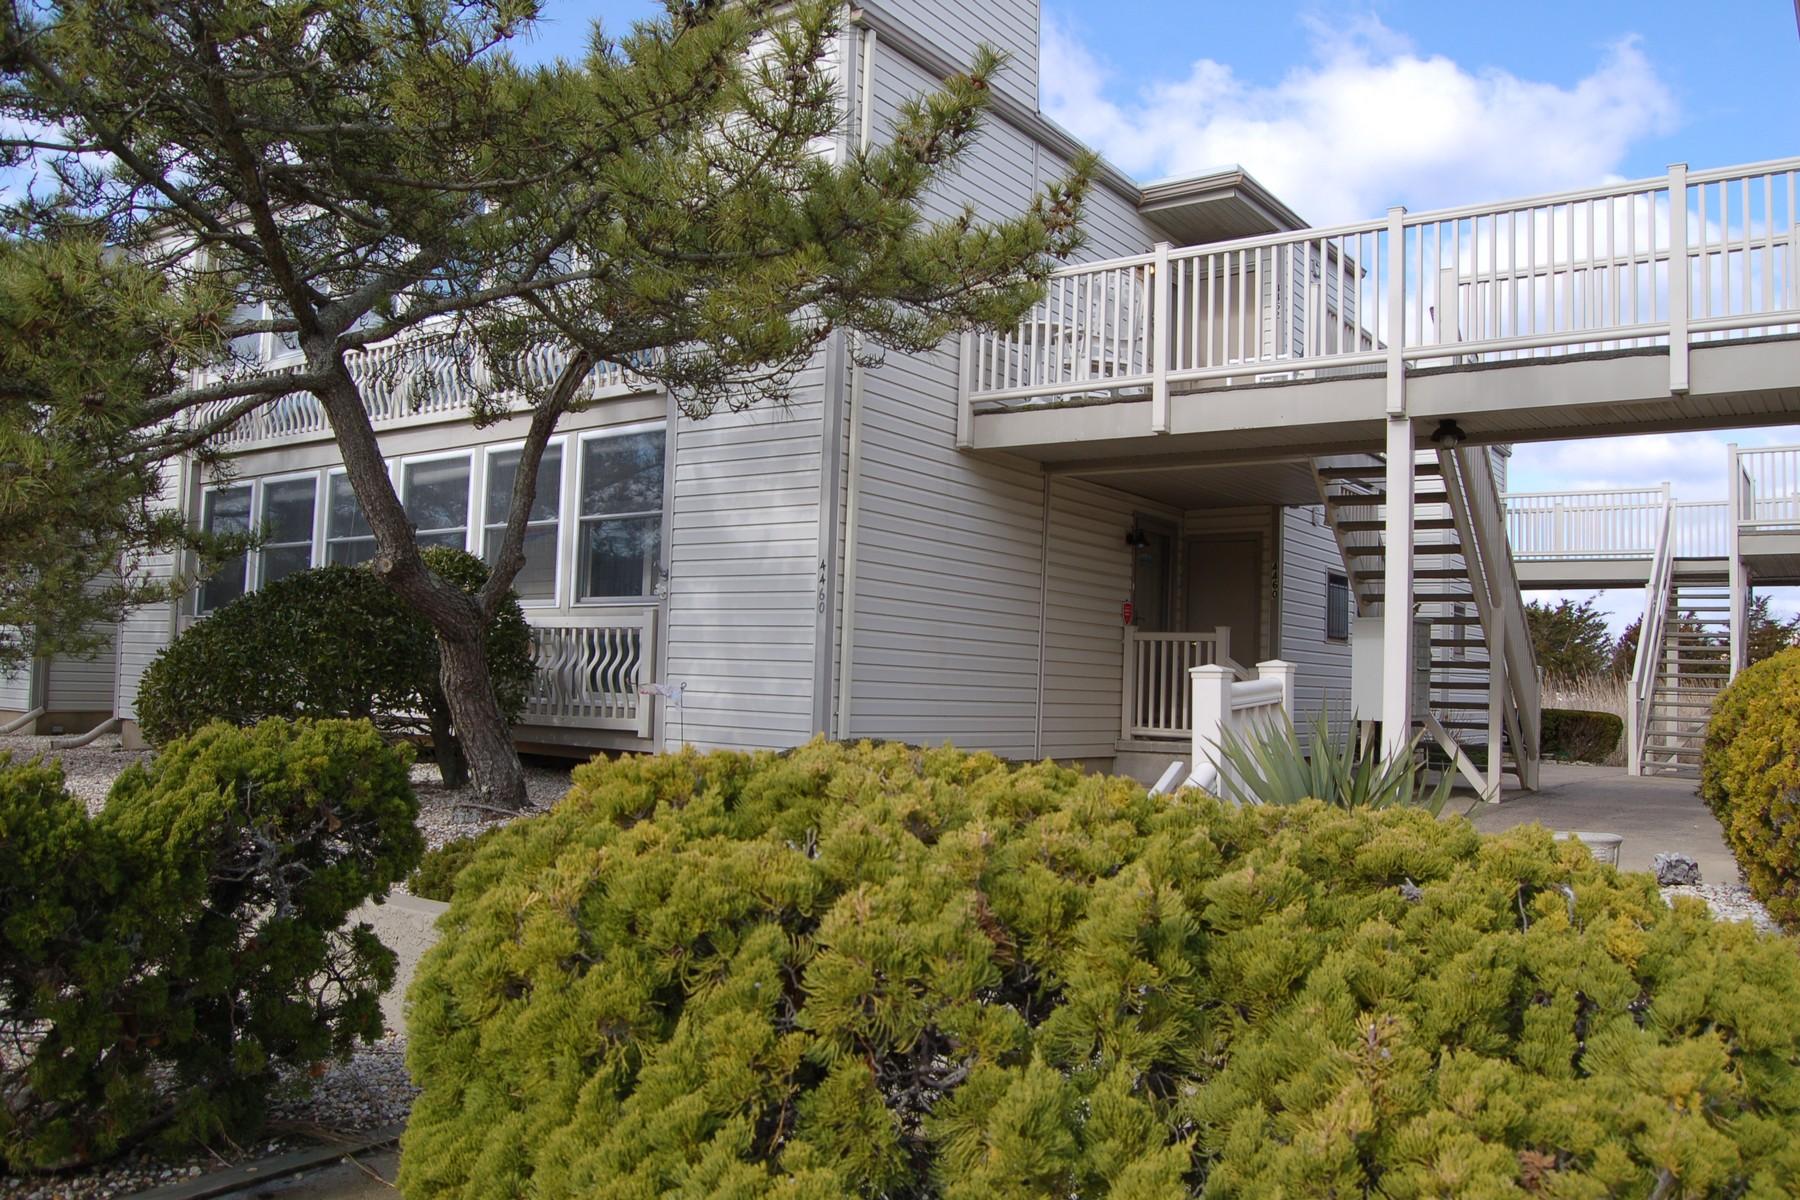 Condominium for Sale at Oceanaire Condo 4460 West Avenue 1st Floor C17 Ocean City, New Jersey 08226 United States